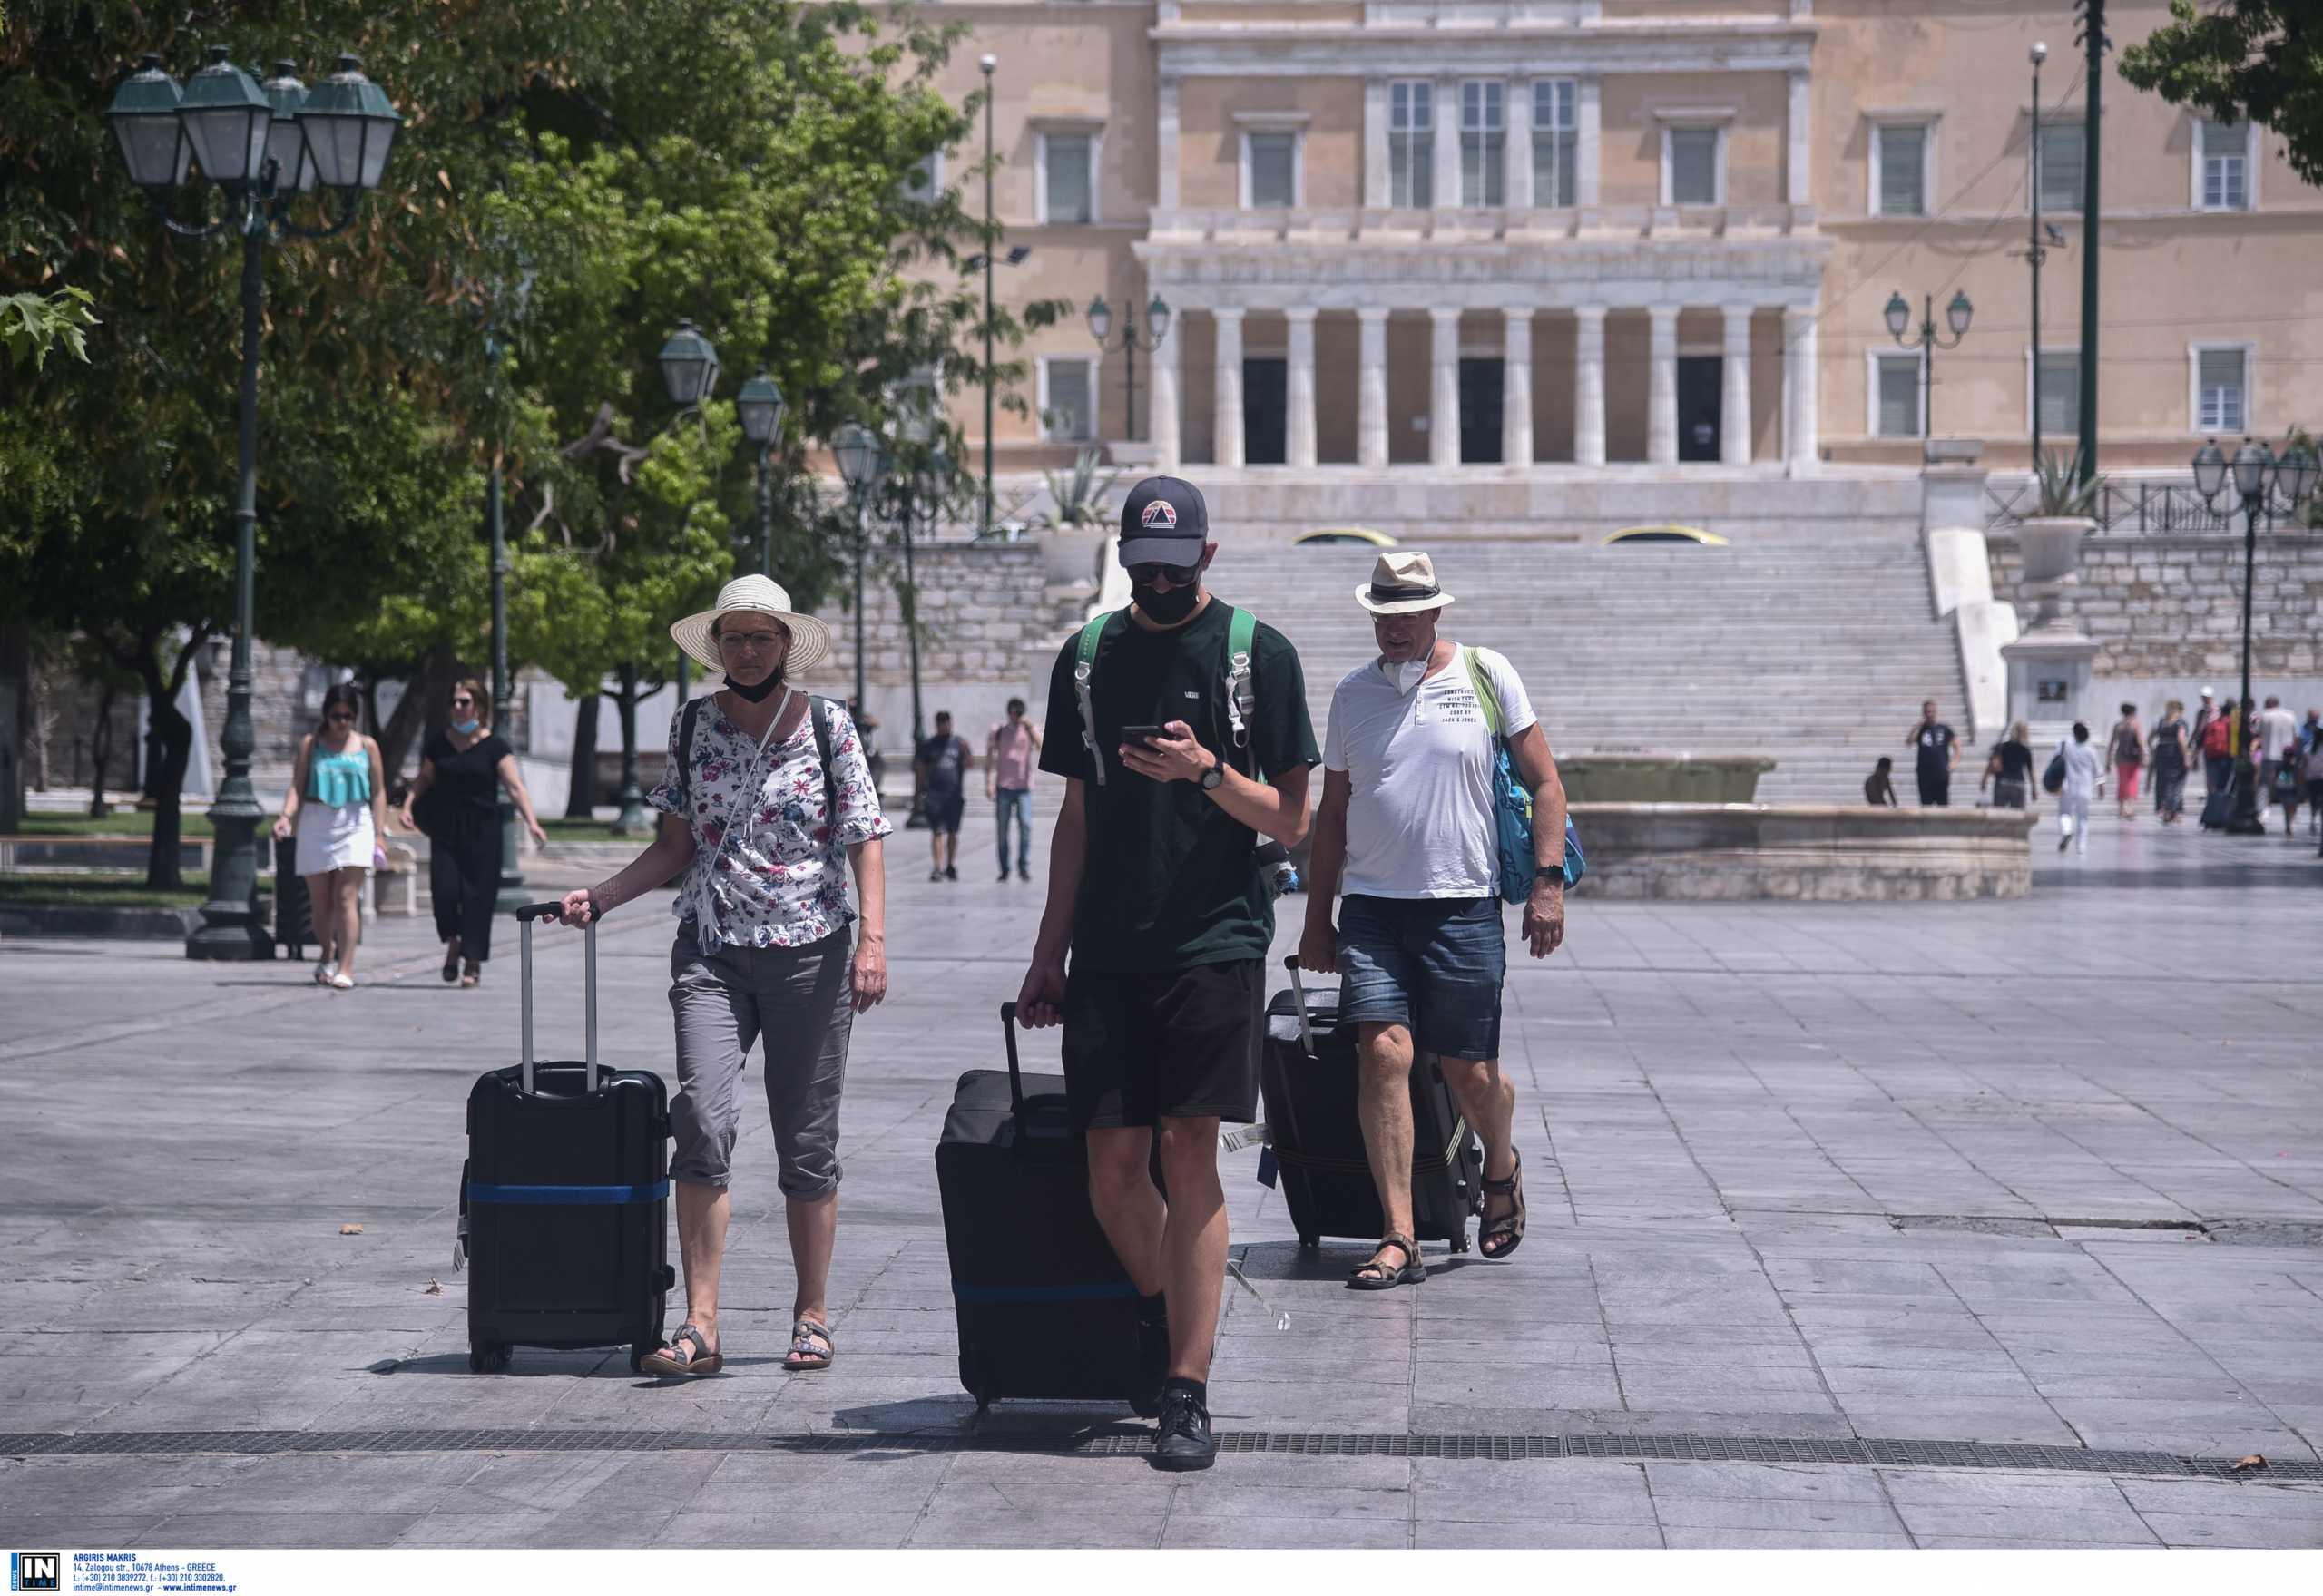 Κορονοϊός: Κυριαρχεί η μετάλλαξη Δέλτα στην Ελλάδα – Τι δείχνουν τα στοιχεία